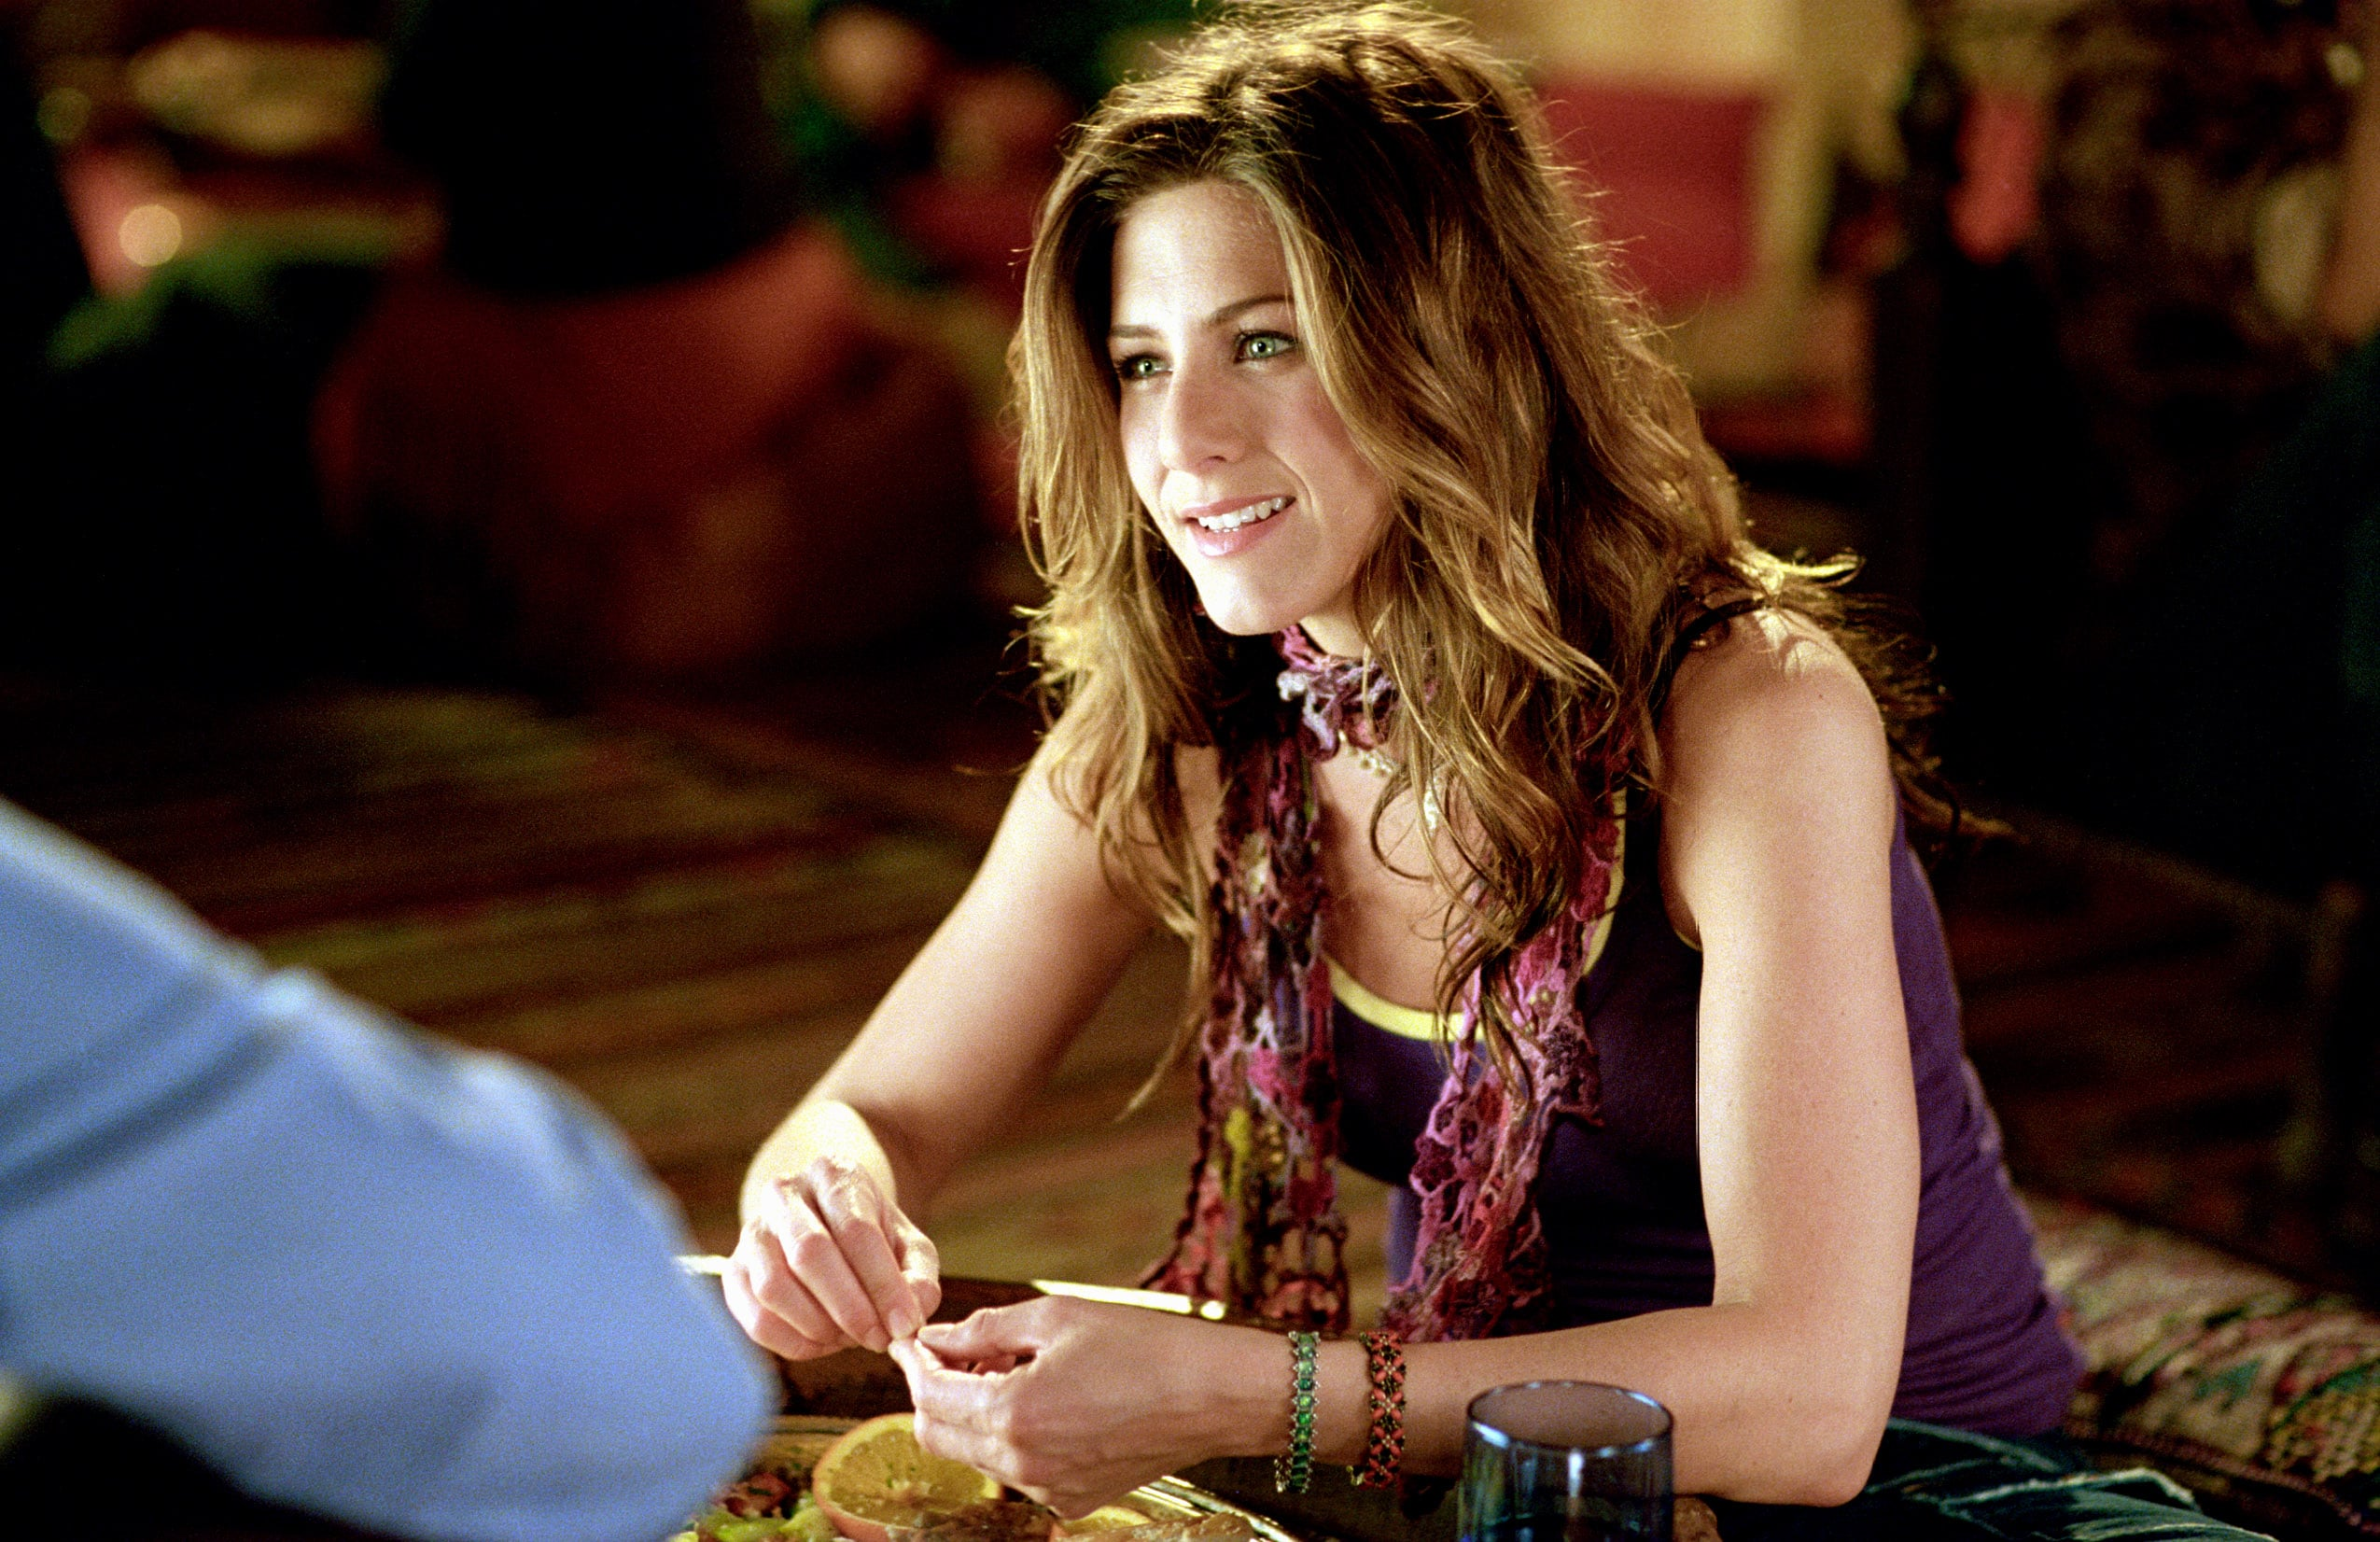 ALONG CAME POLLY, Jennifer Aniston, 2004